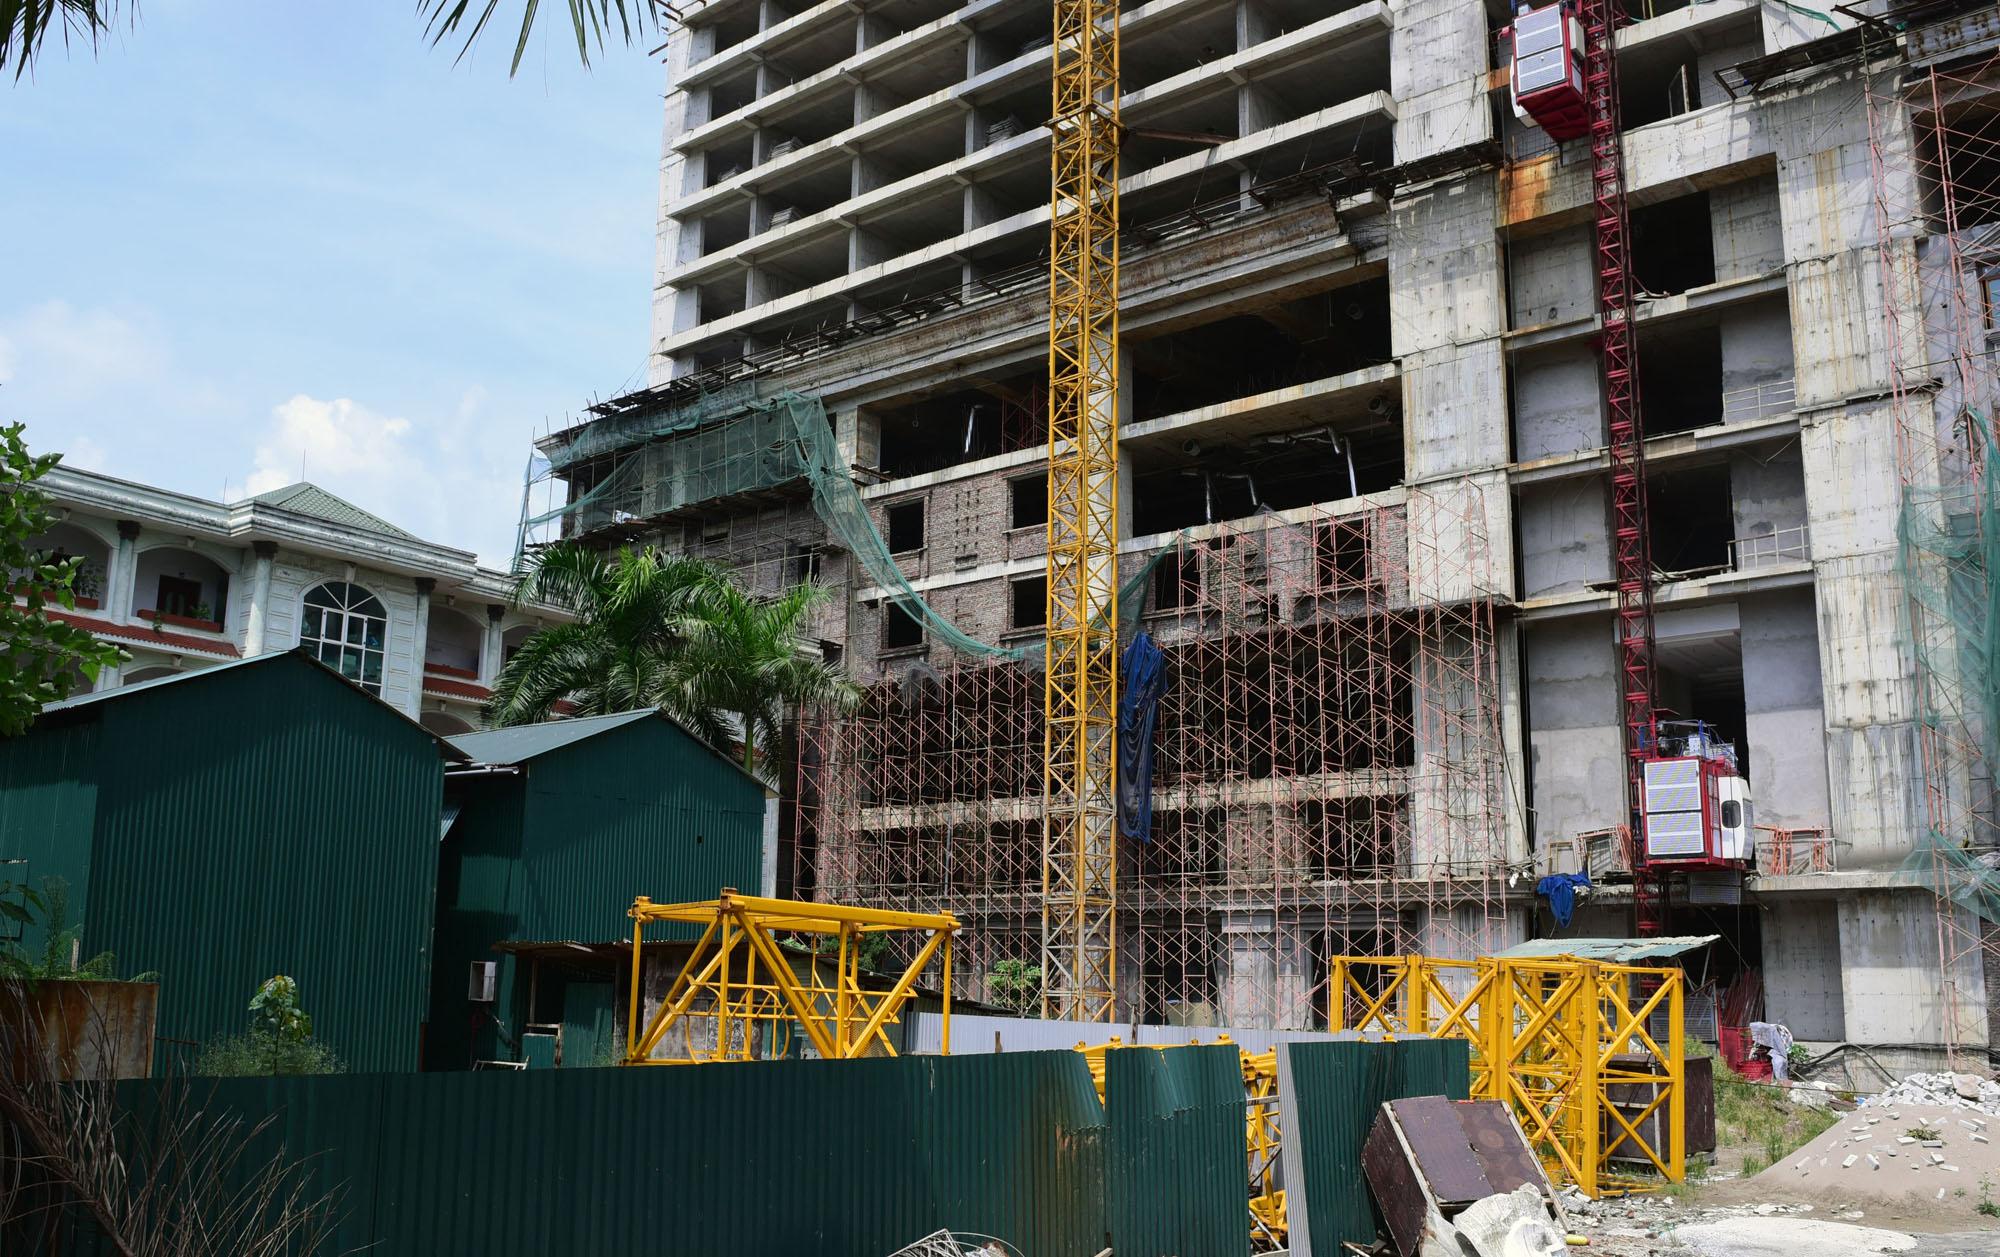 Dự án TTTM Hongkong London trên 'đất vàng' Từ Sơn, Bắc Ninh bỏ hoang nhiều năm - Ảnh 15.